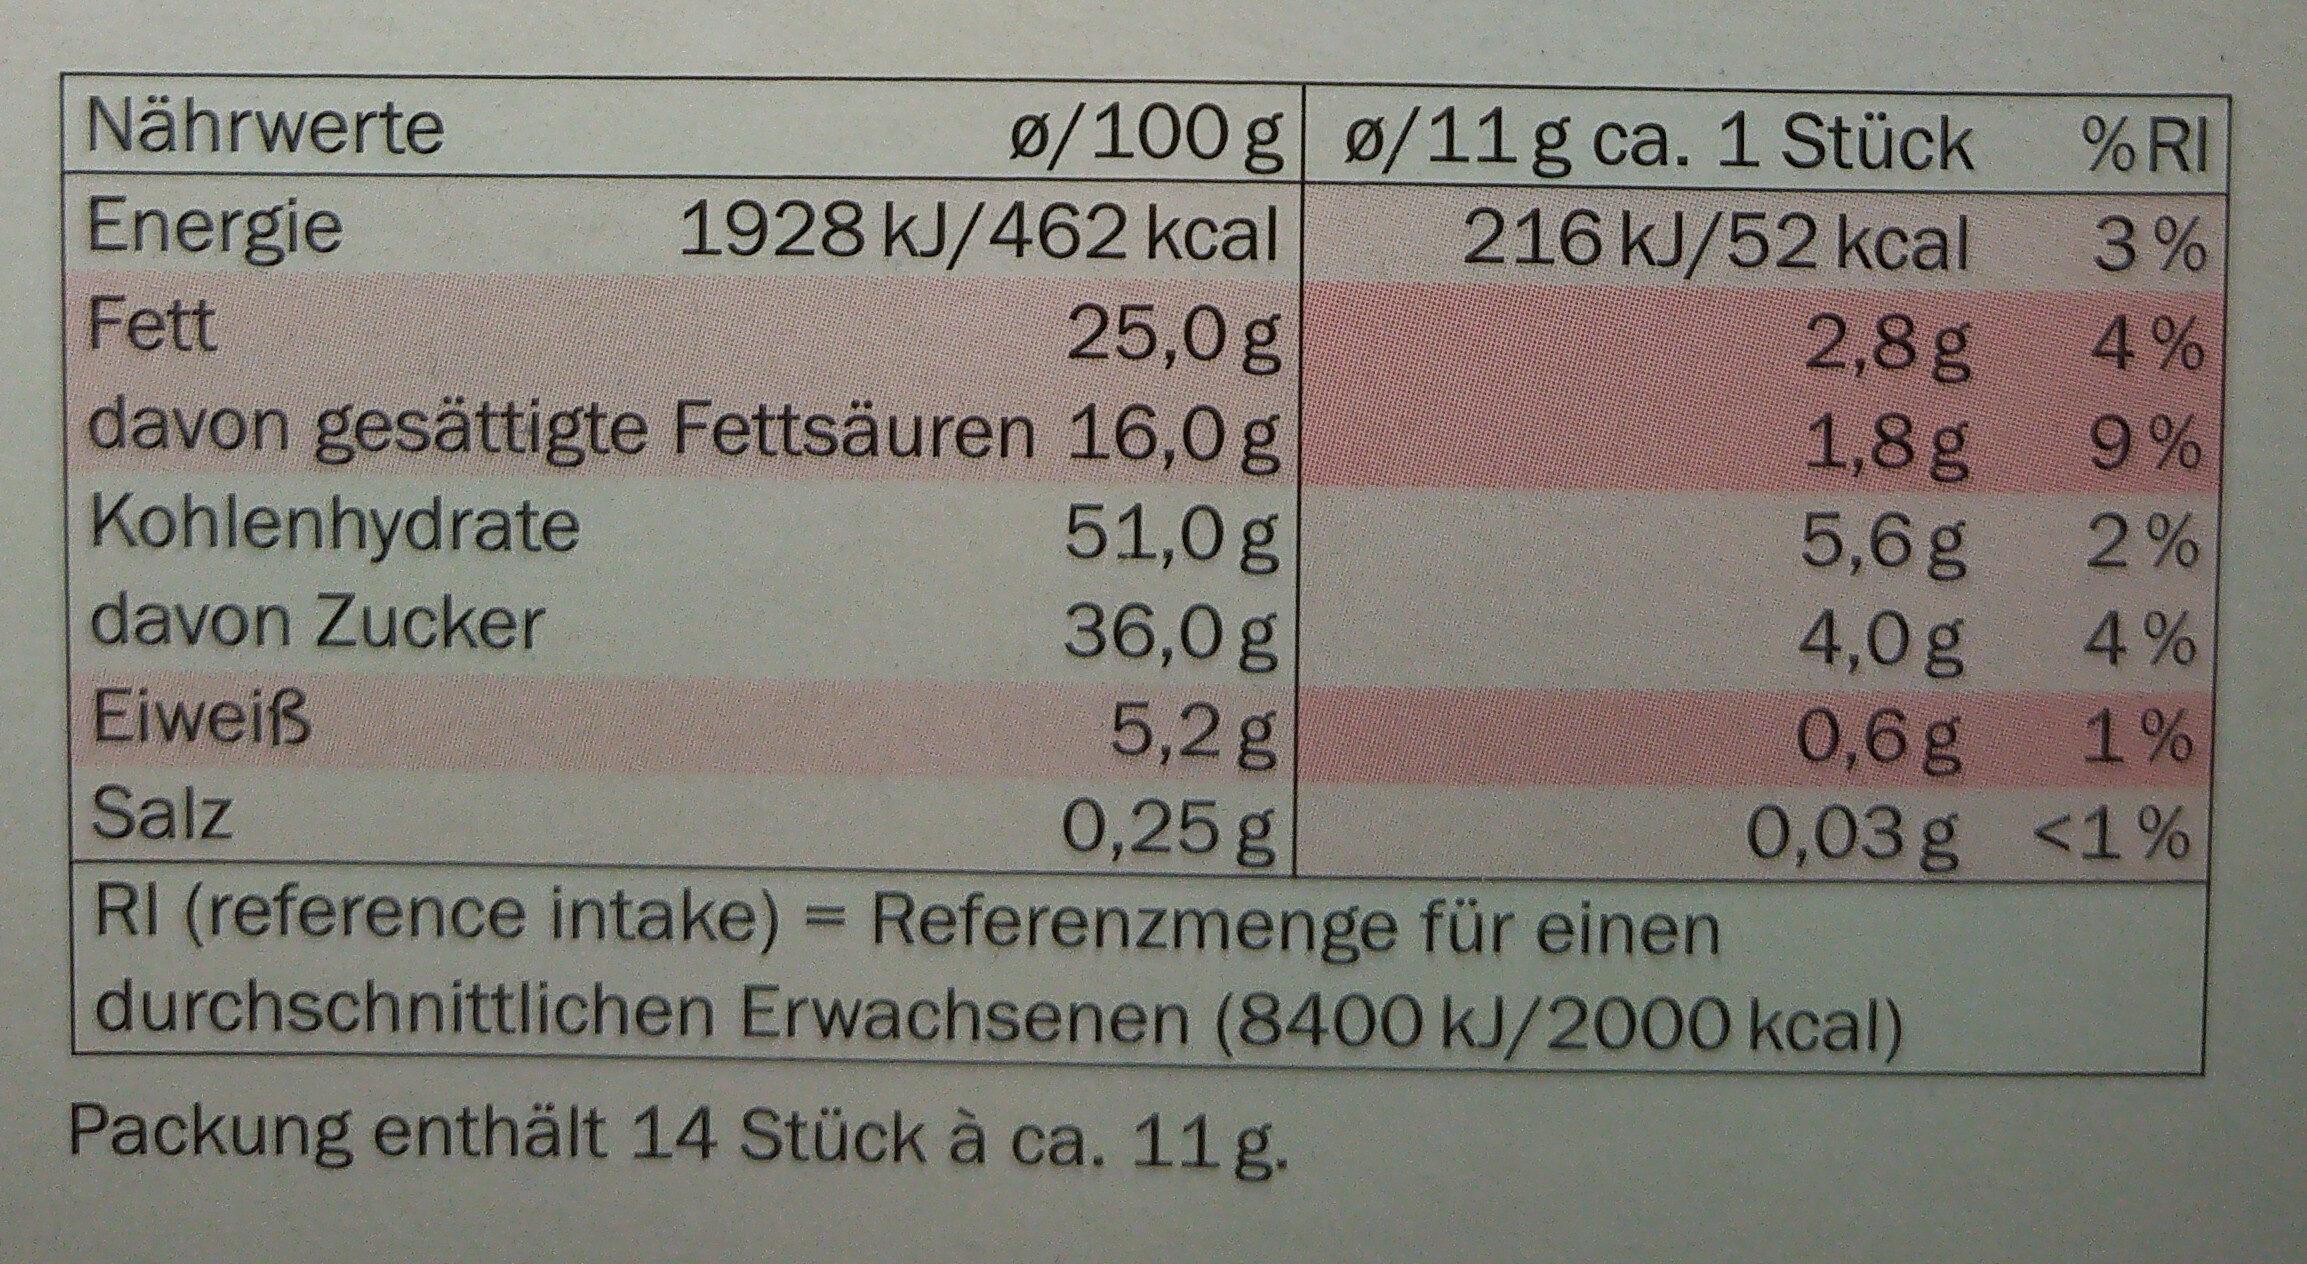 Baumkuchen-Spitzen mit Irish-Cream-Likör - Nährwertangaben - de